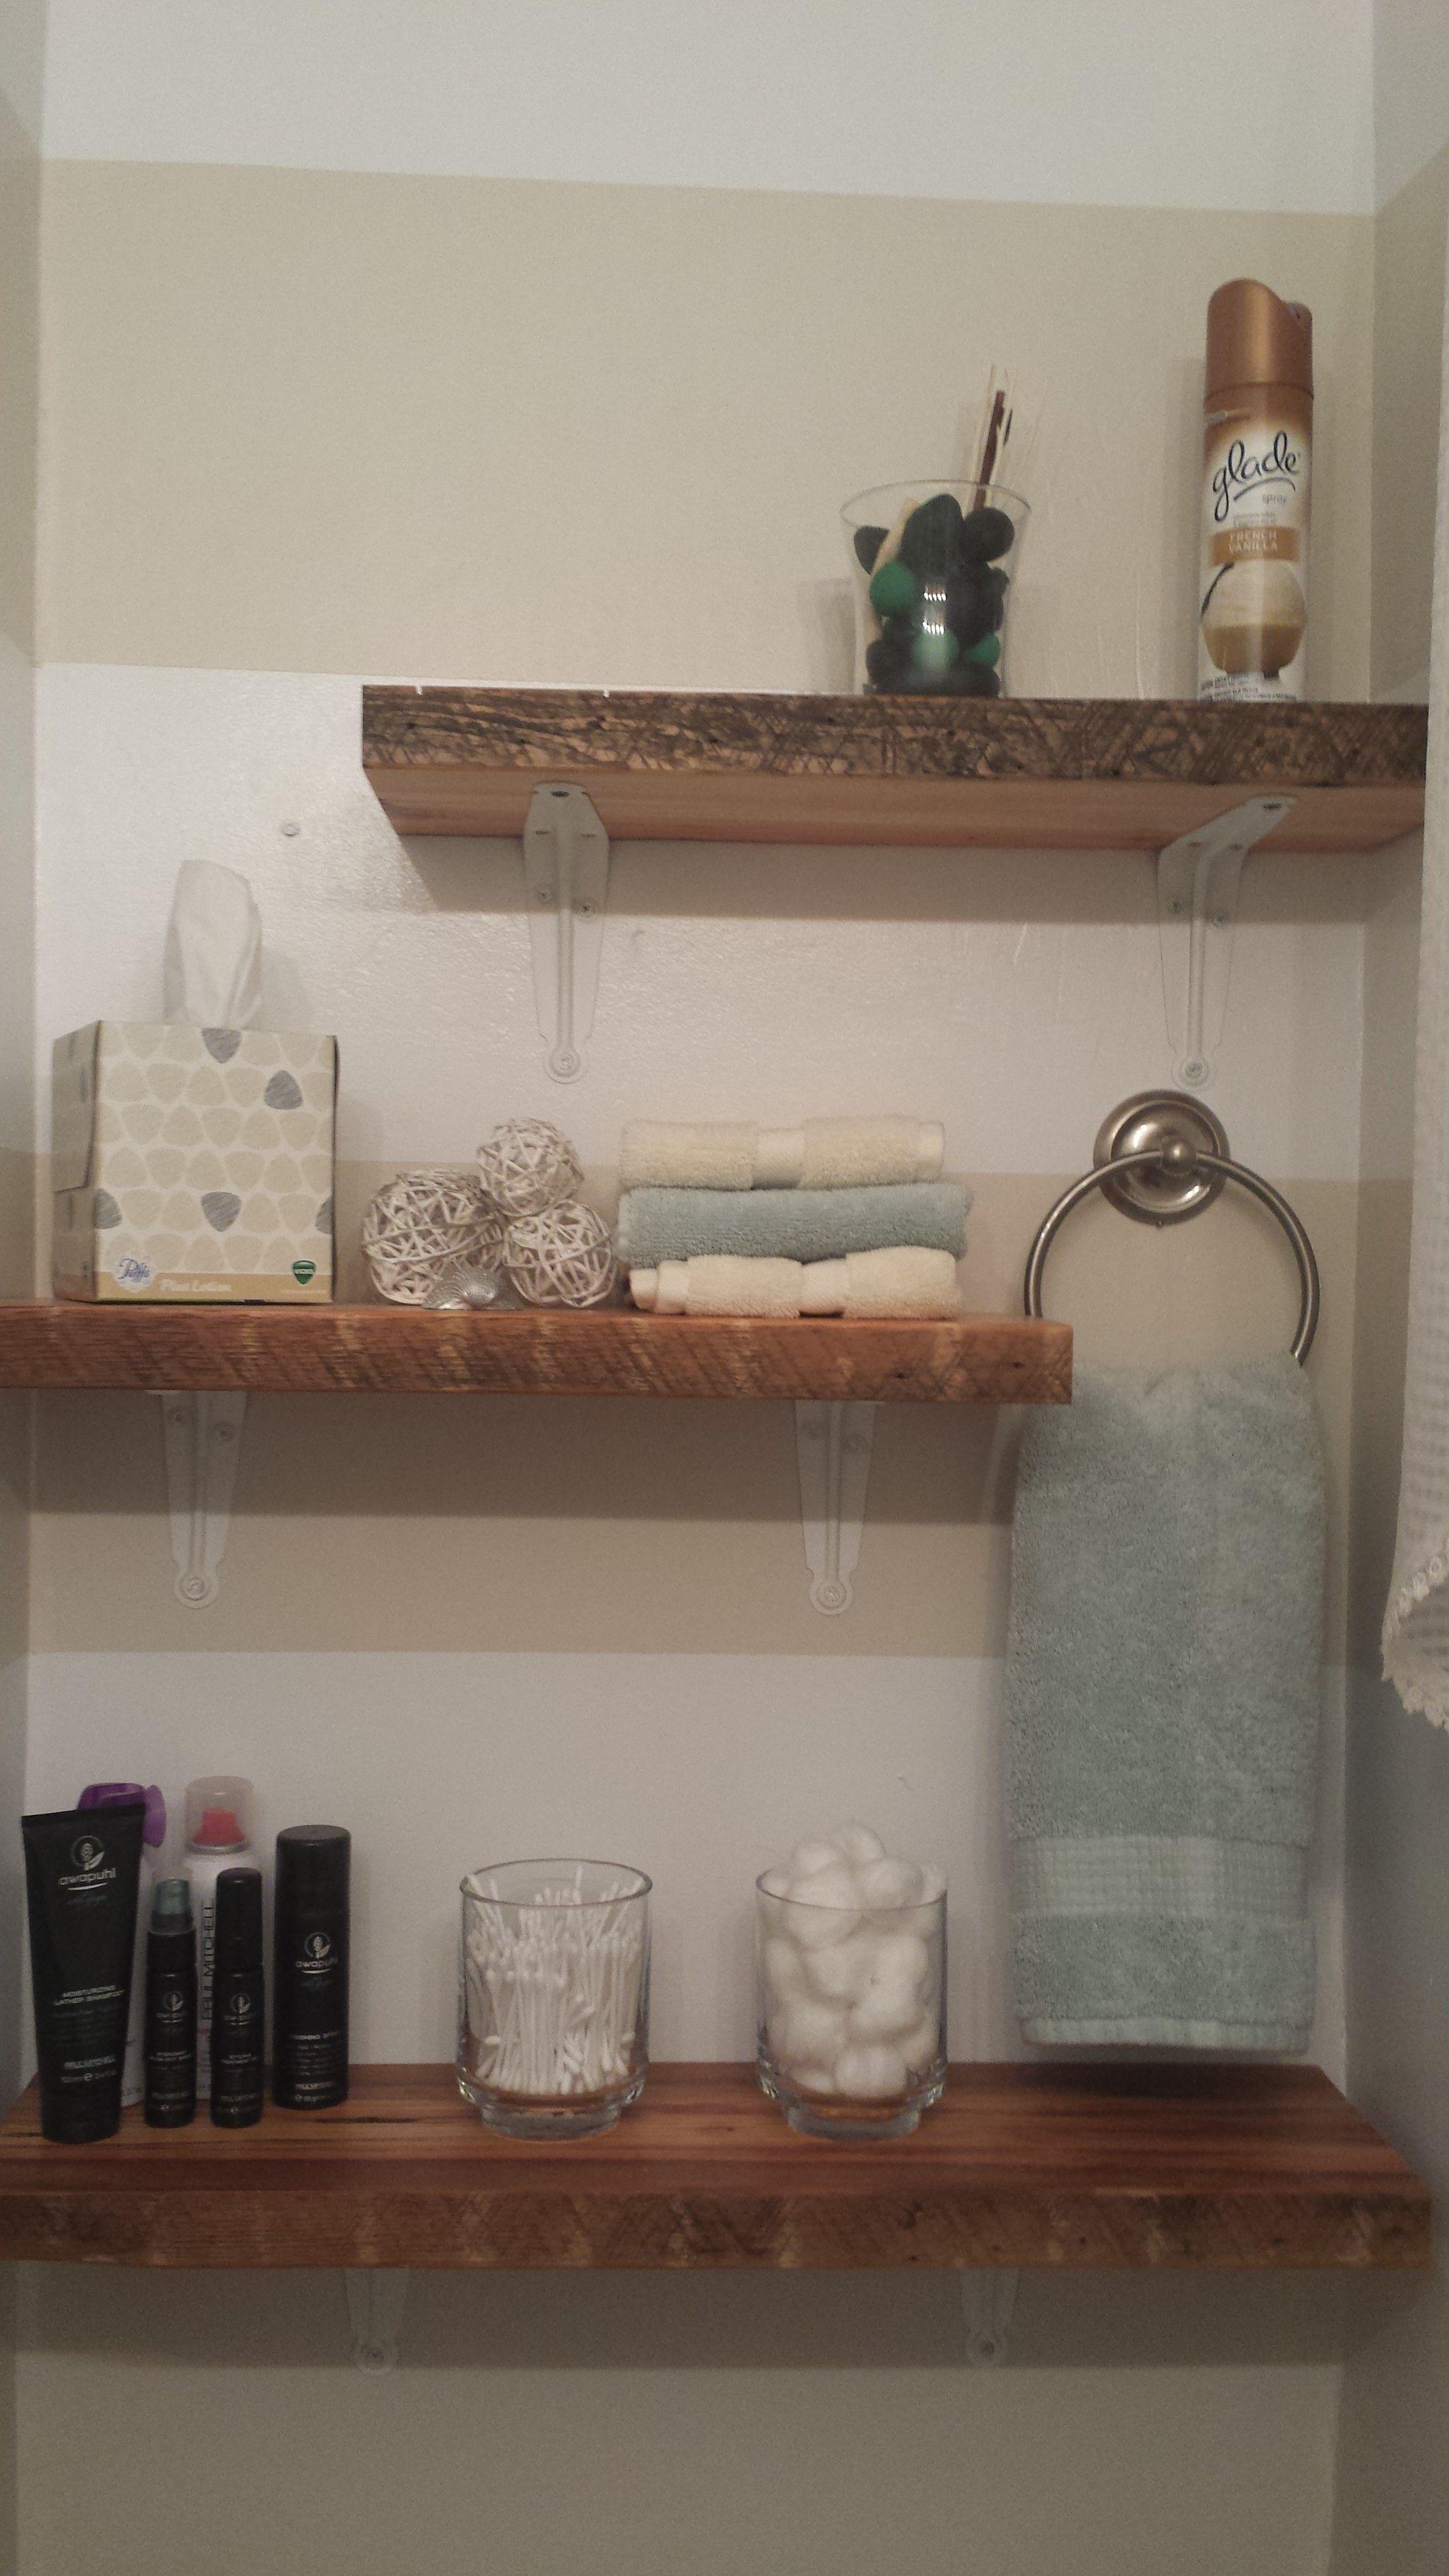 Bathroom Shelves Shelves: Etsy Towels, potpourri, wicker ...